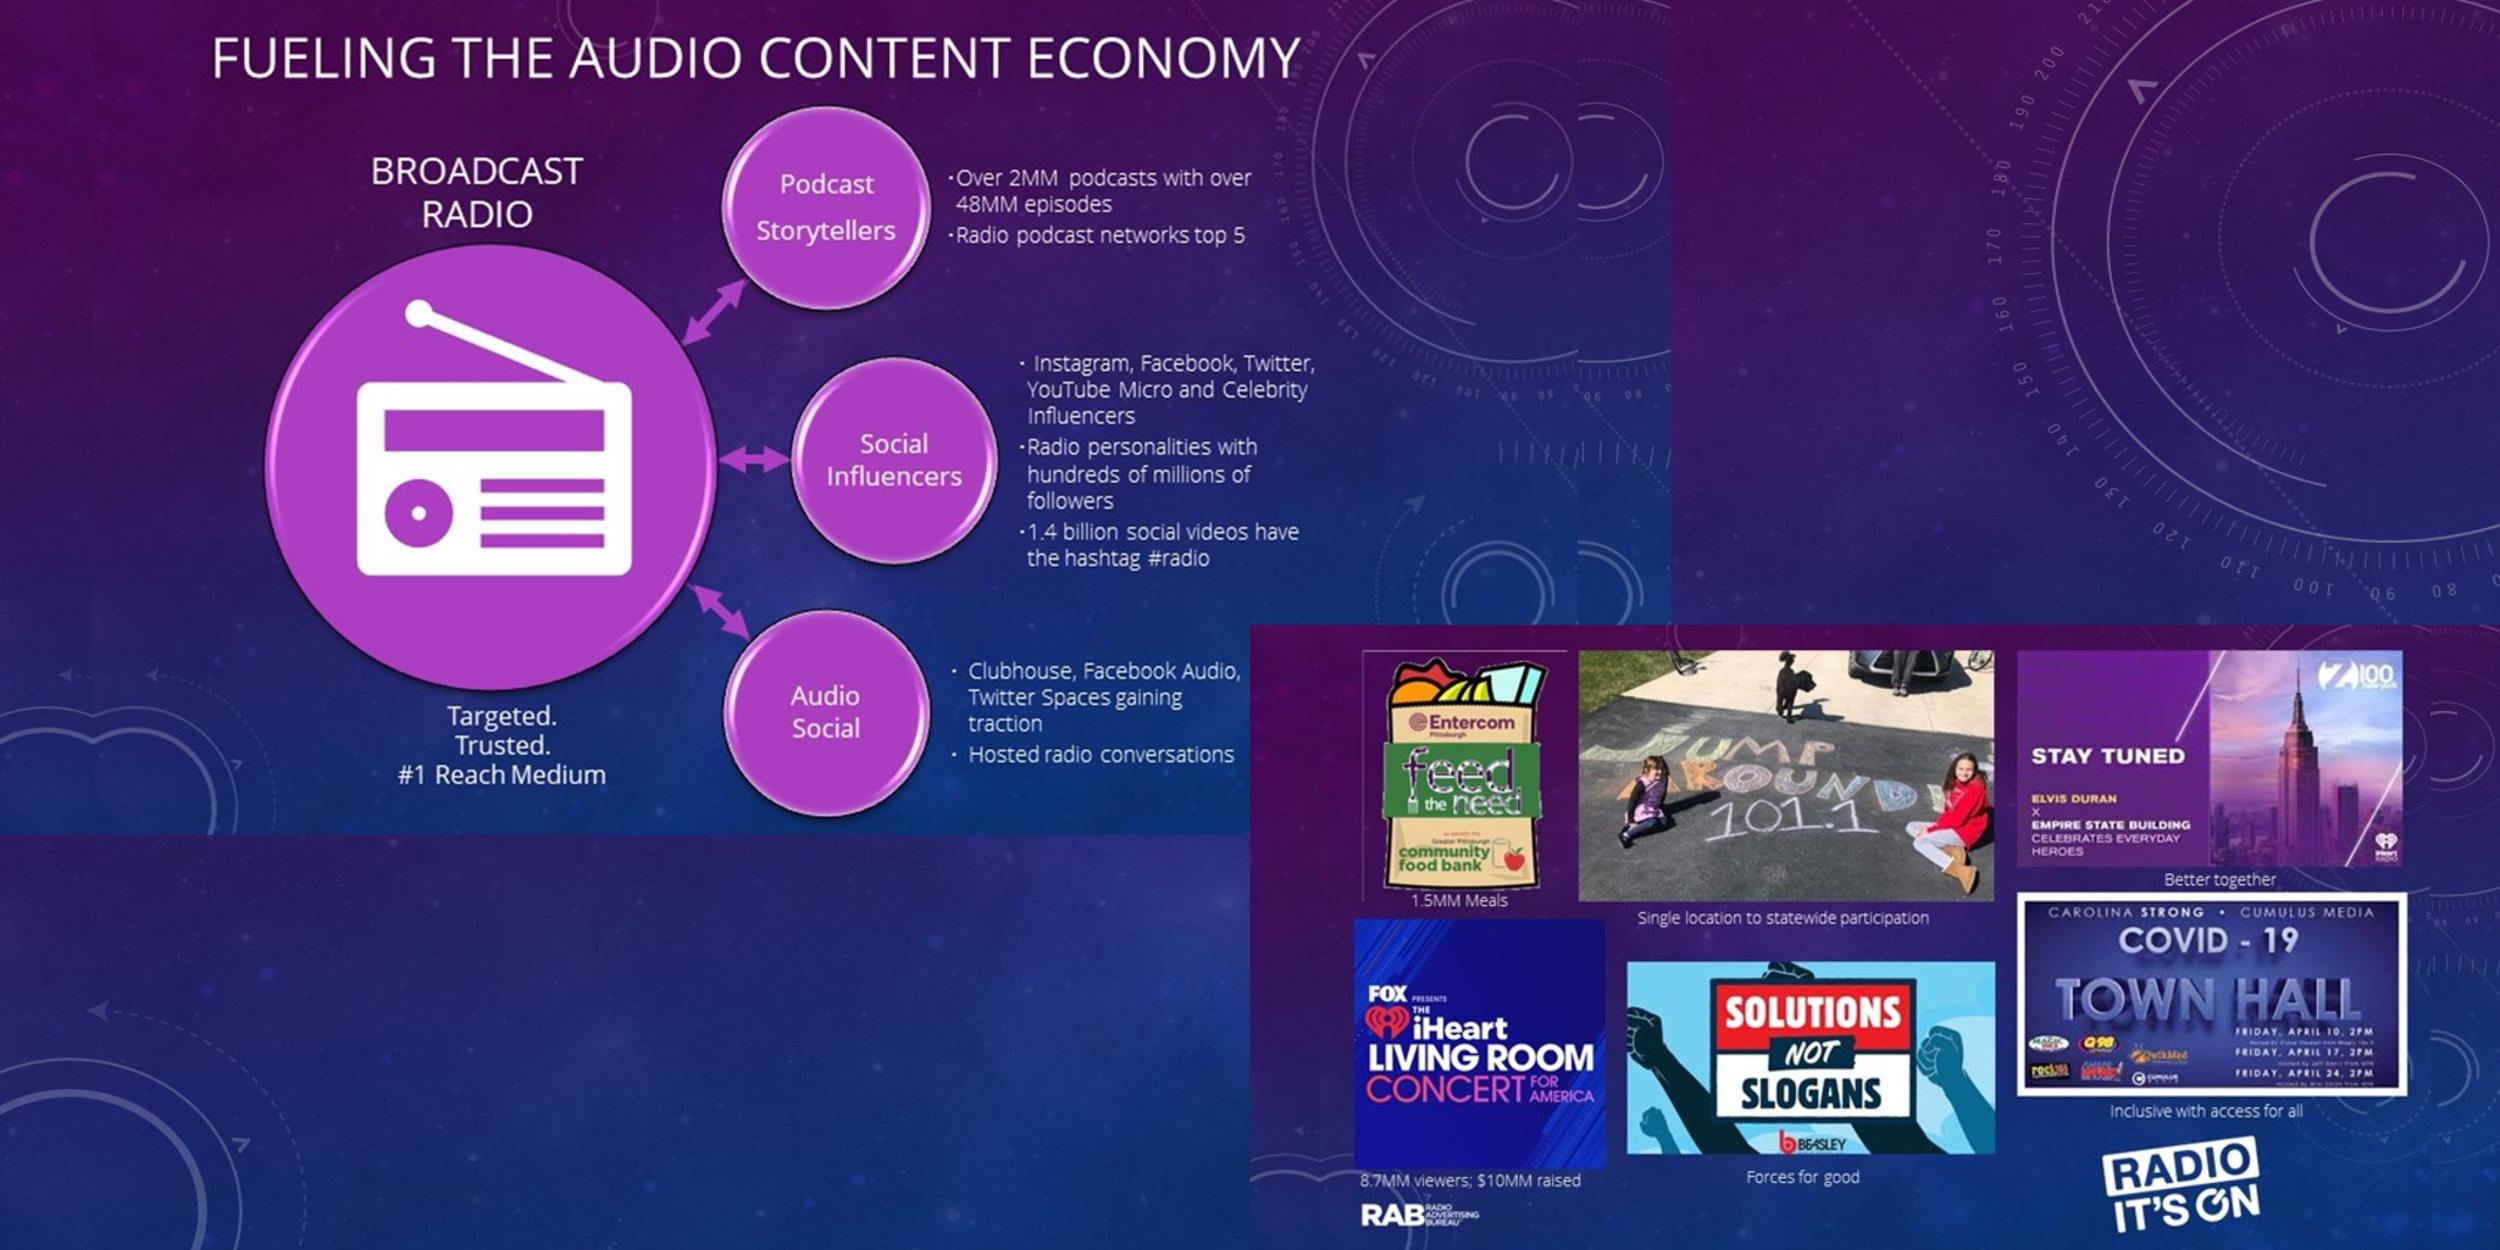 radiocompass 2021 1 - Radio. Radiocompass 2021: futuro connesso a sviluppo tecnologico, con nuove occasioni di consumo da streaming a smart speaker e podcasting